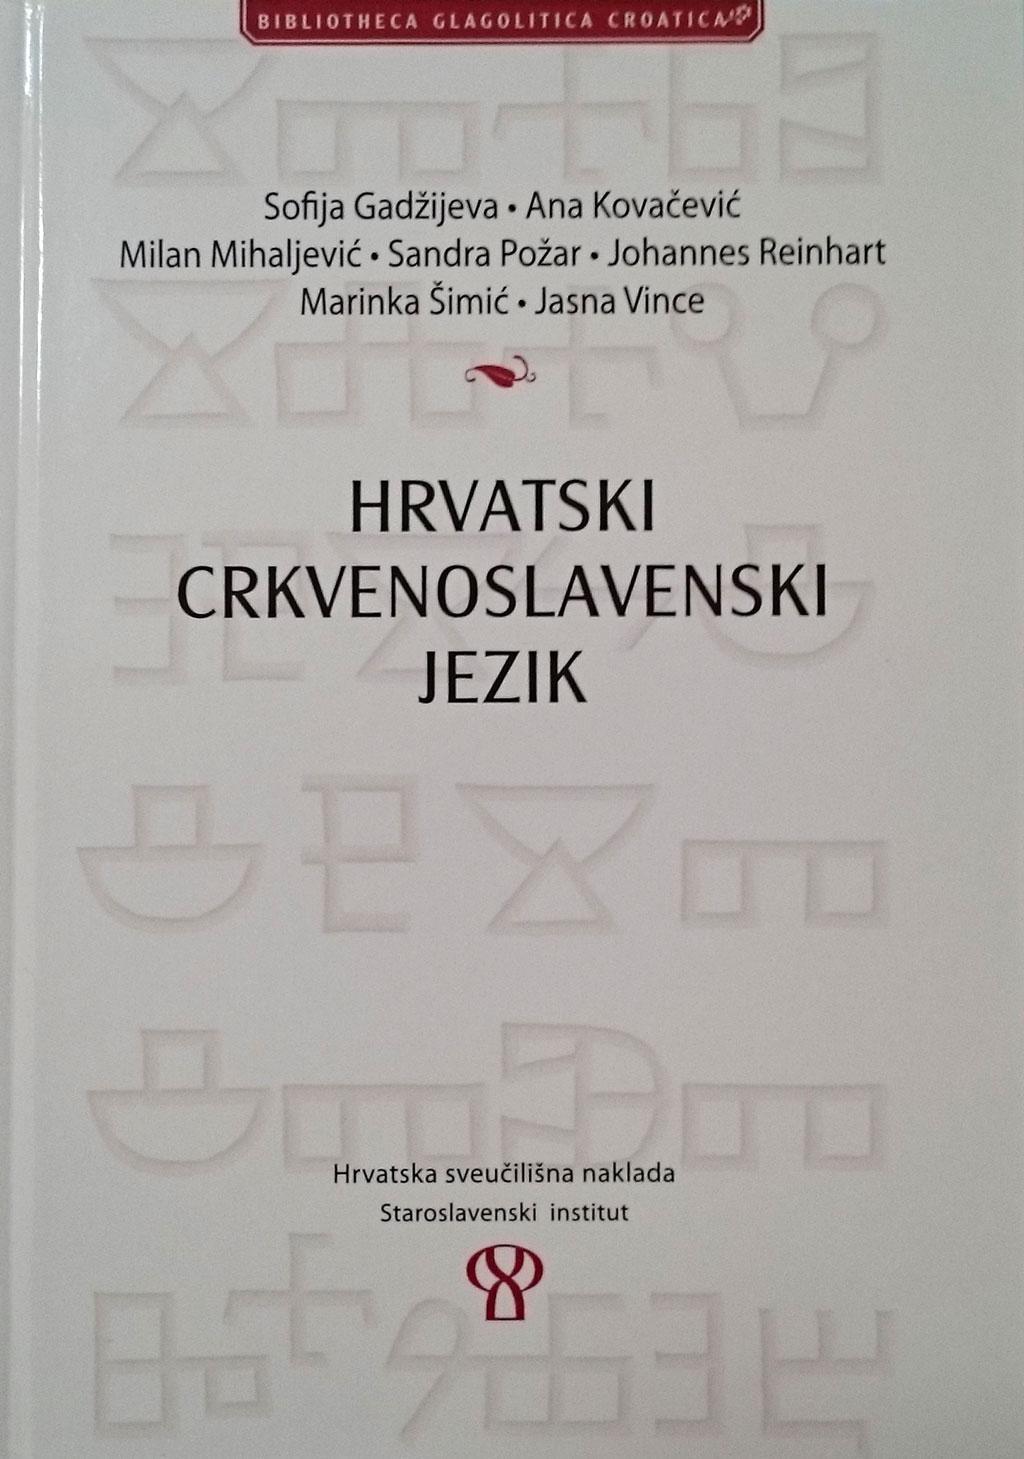 Hrvatski crkvenoslavenski jezik